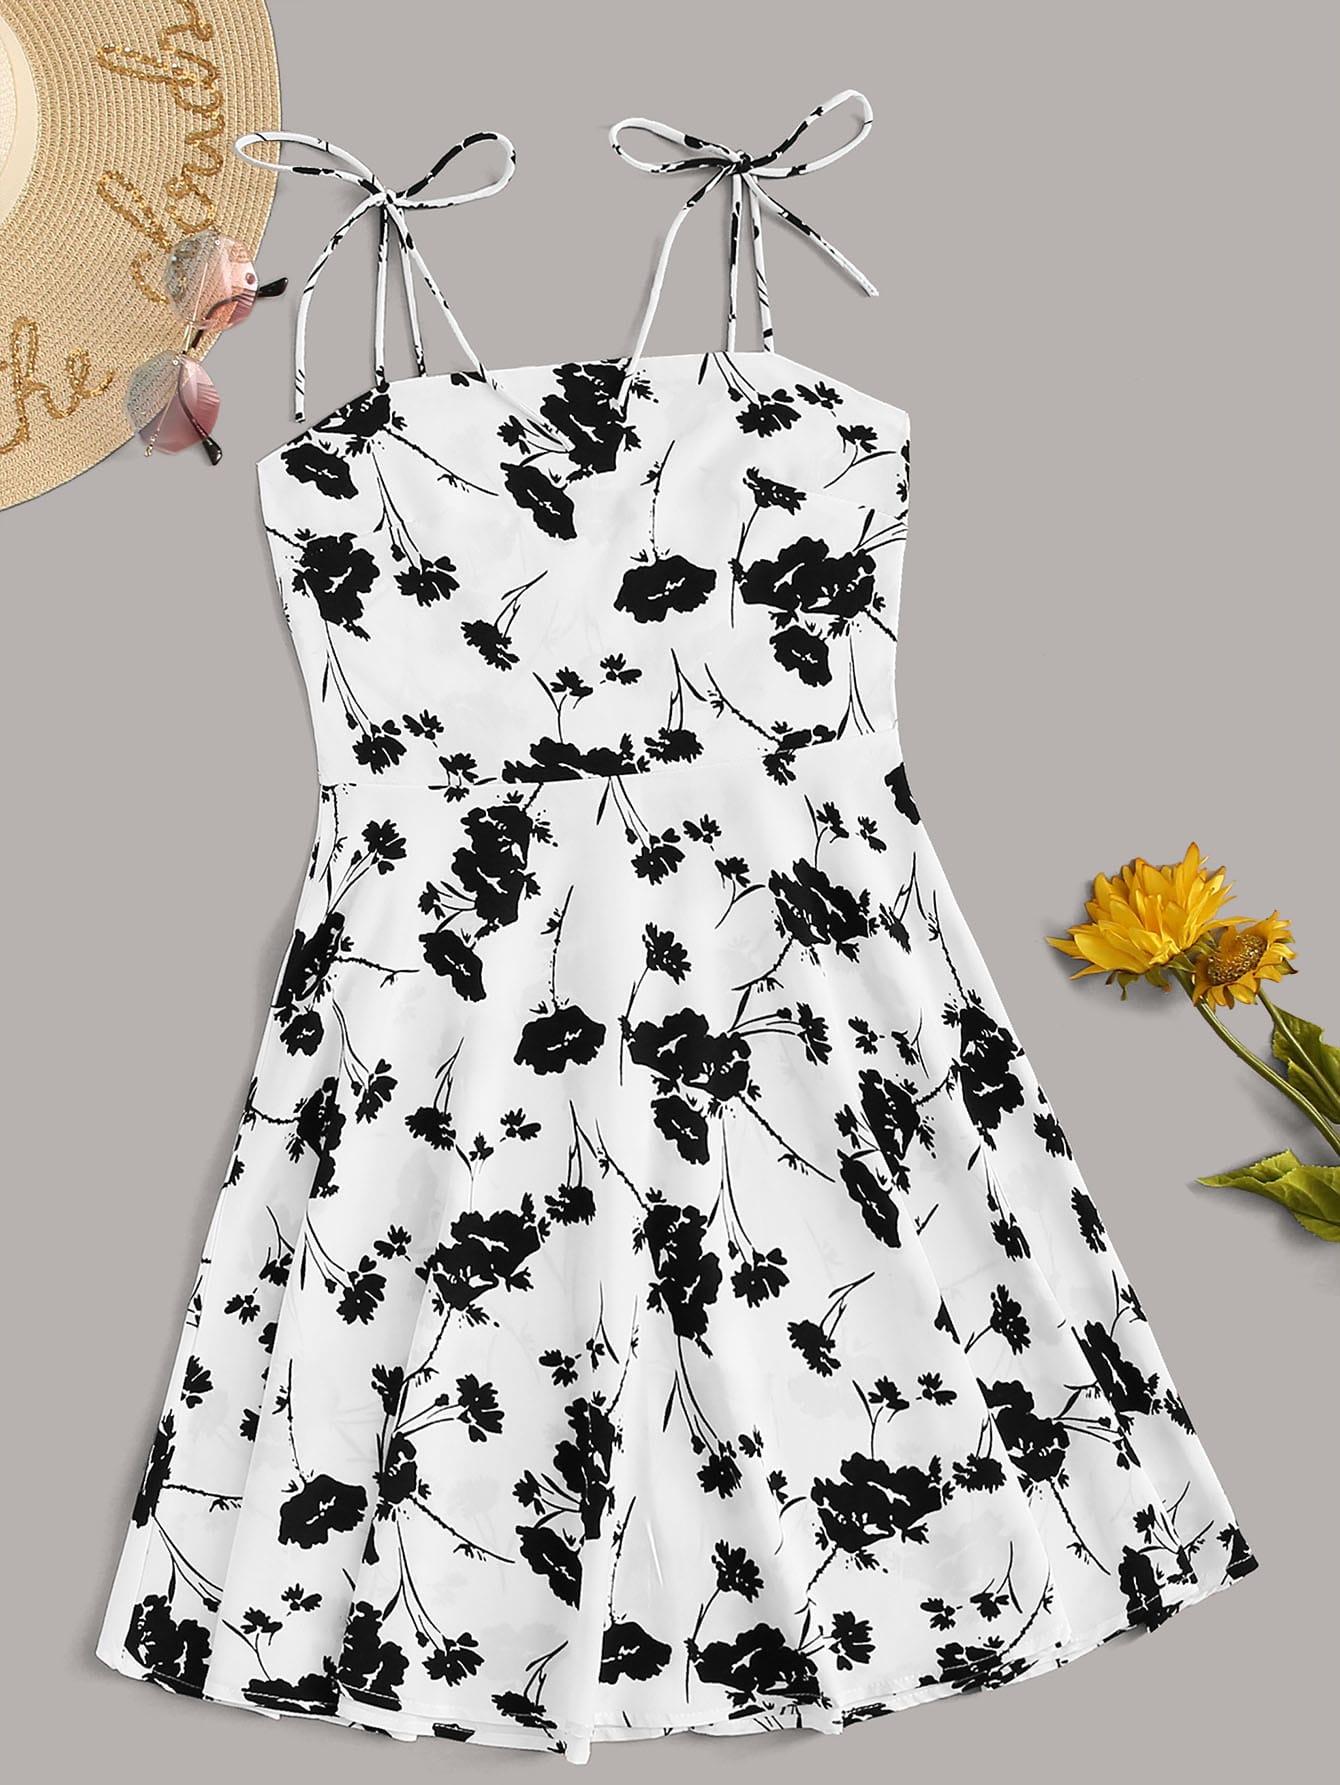 Фото - Расклешенное платье с цветочным принтом от SheIn цвет чёрнобелые